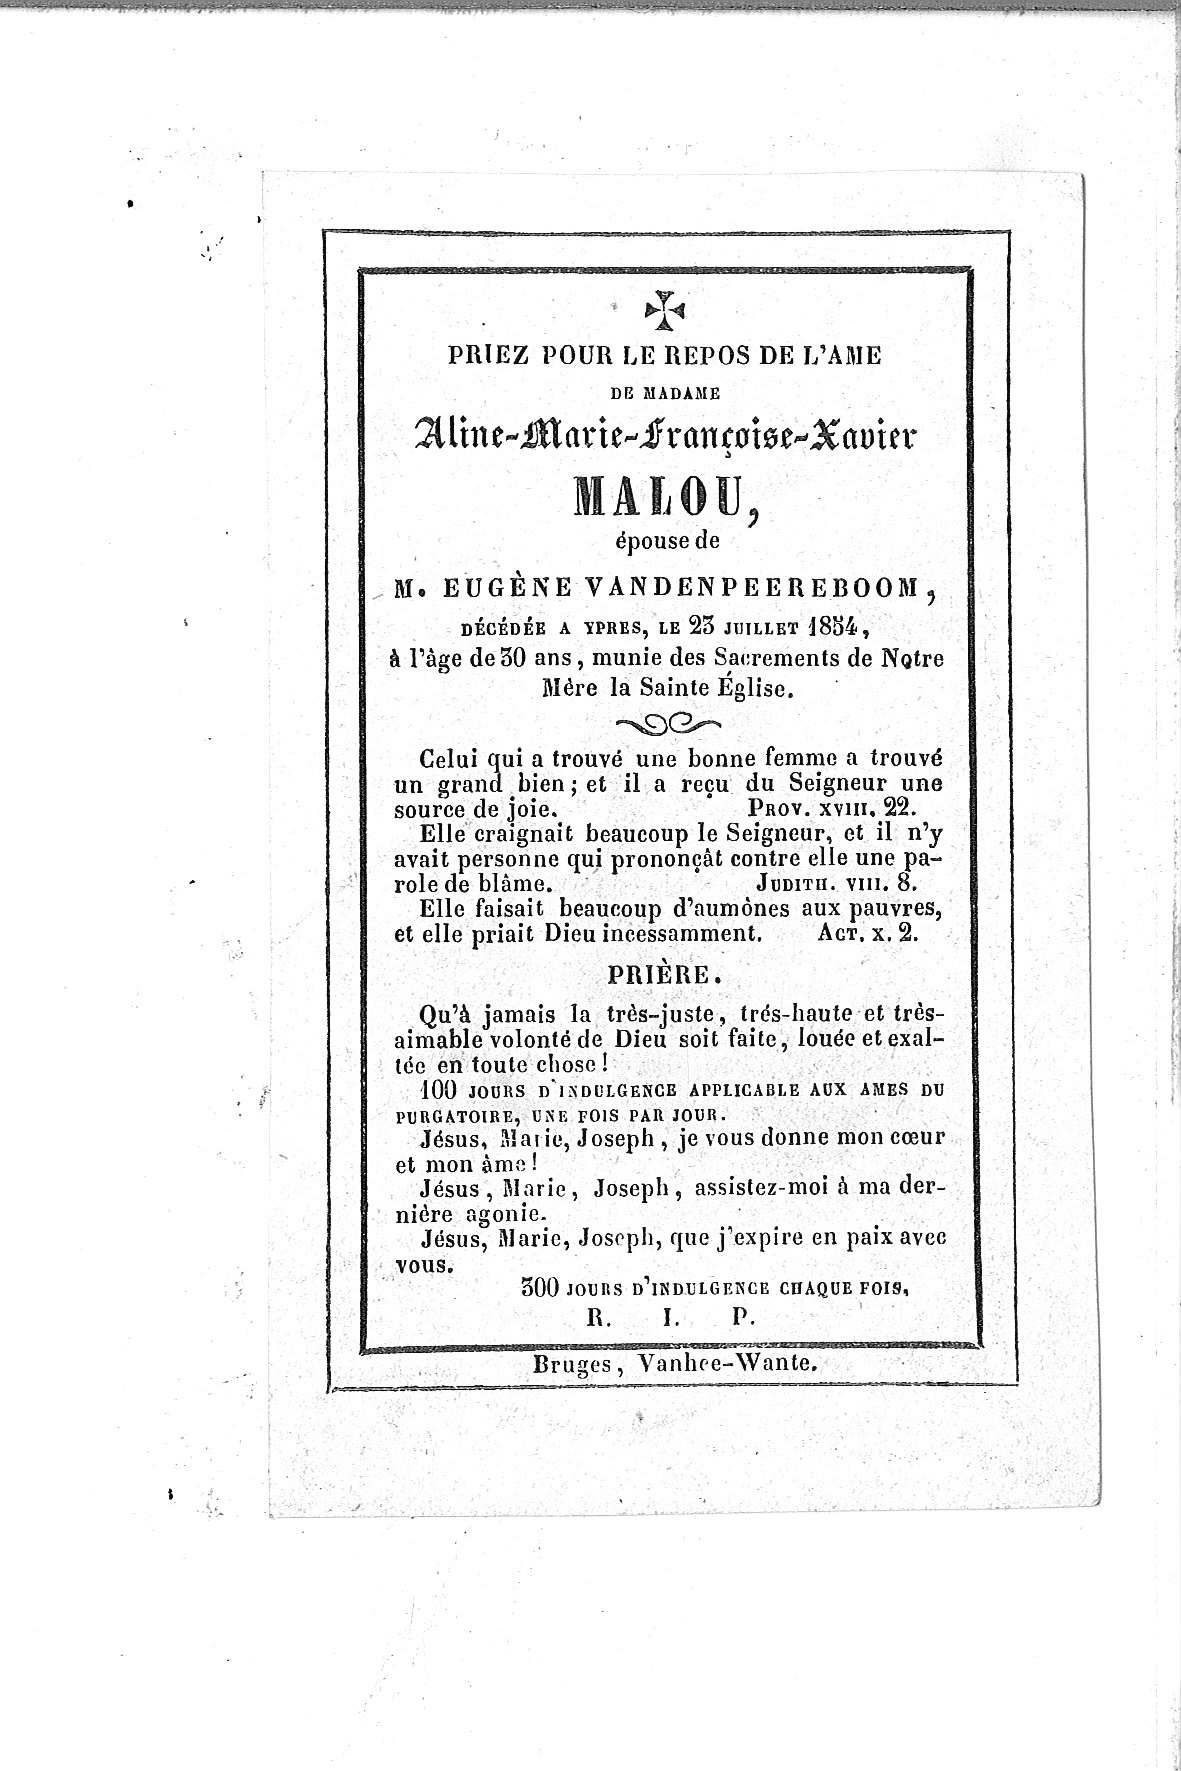 Aline-Marie-Françoise-Xavier-(1854)-20121008124128_00058.jpg